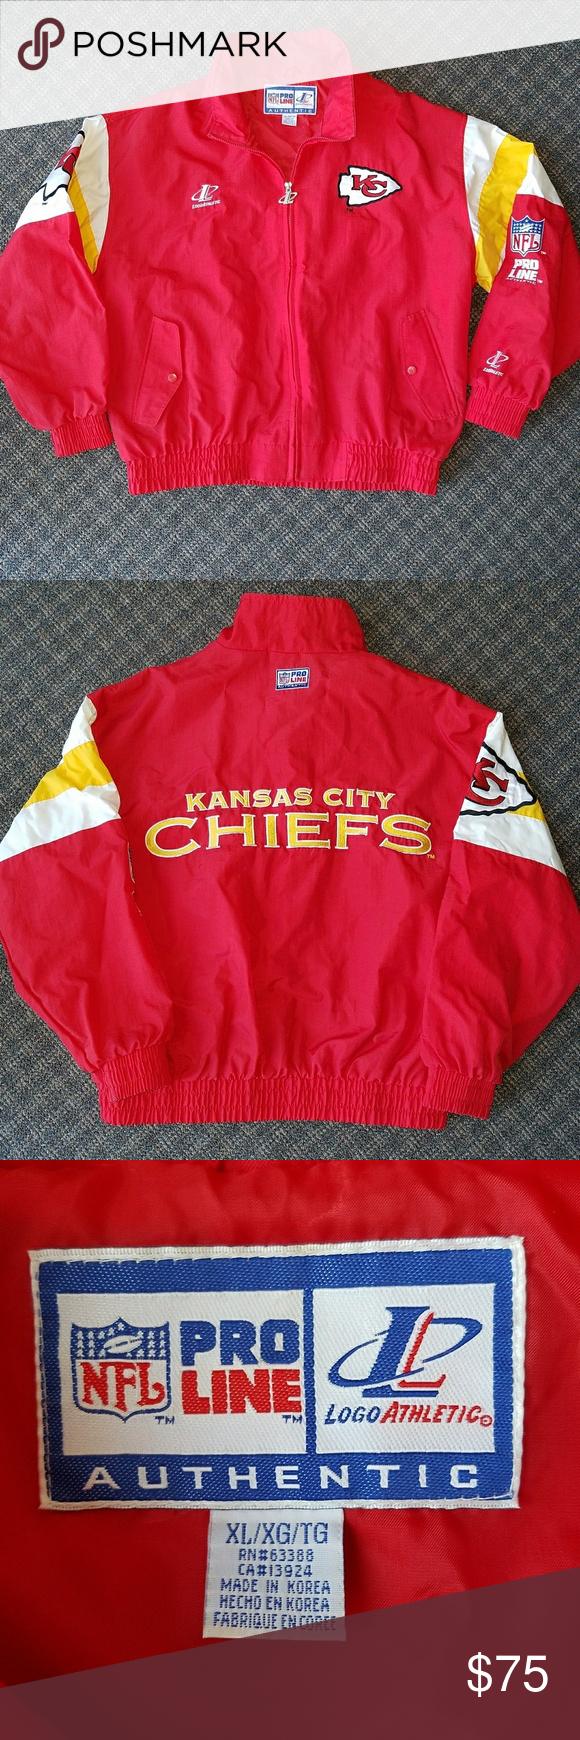 Rare Vtg Kansas City Chiefs Jacket Pro Line 90s Rare Vintage Kansas City Chiefs Jacket Windbreaker Pro Line Nfl Spel Clothes Design Line Jackets Fashion Design [ 1740 x 580 Pixel ]